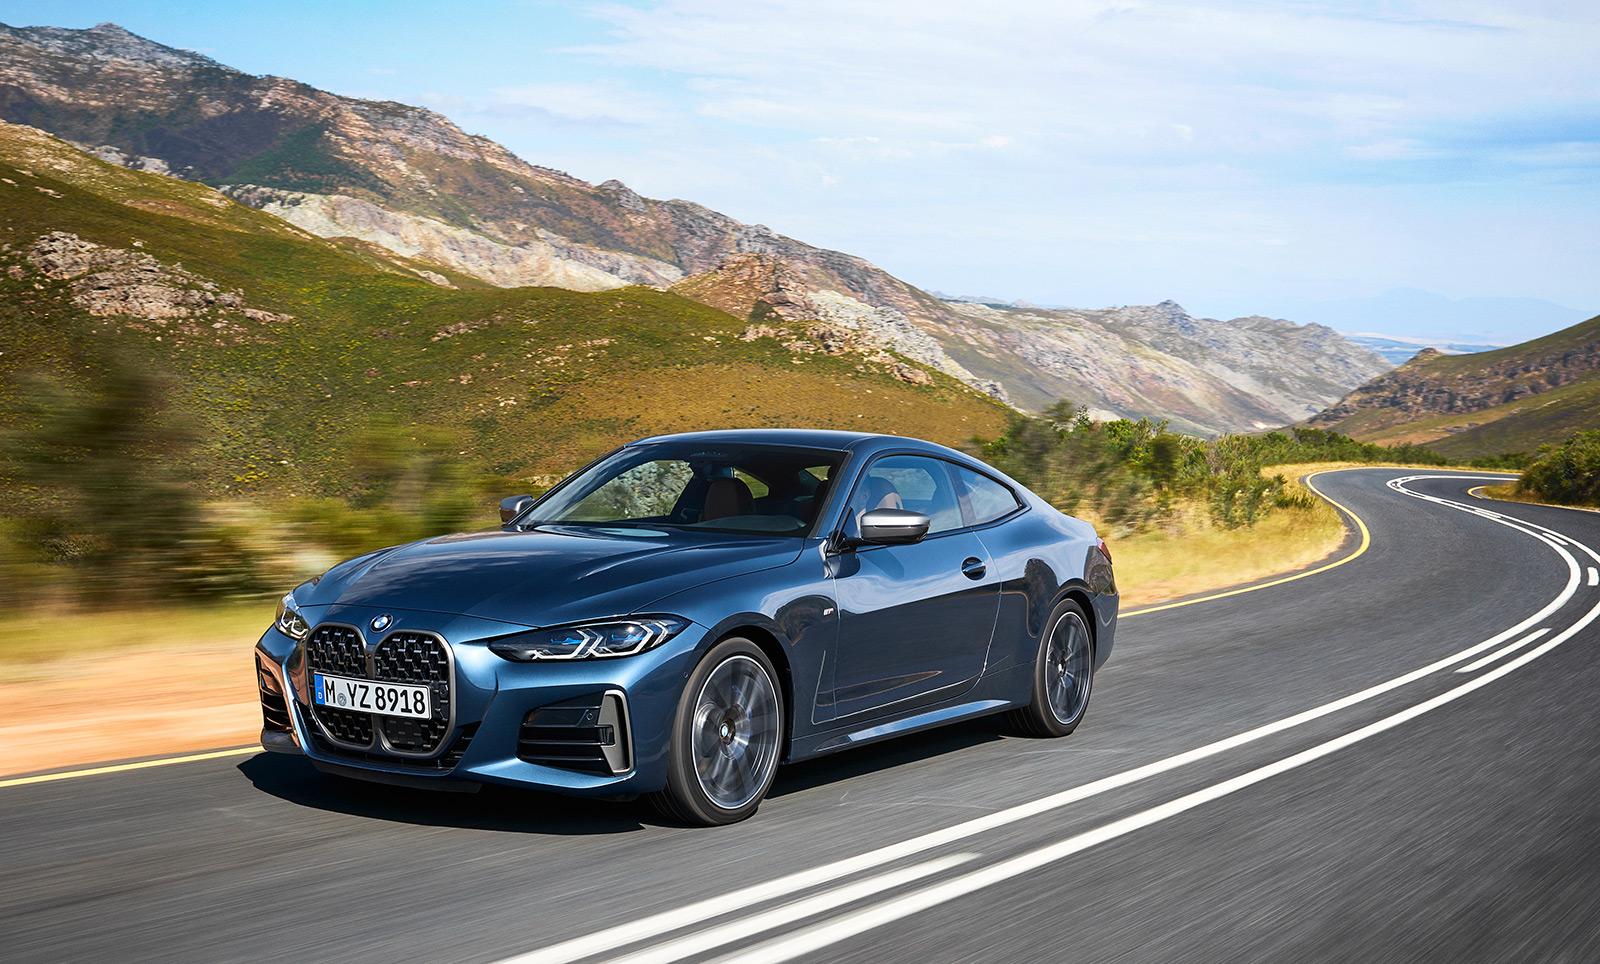 2020 BMW Série 4 (F30) design